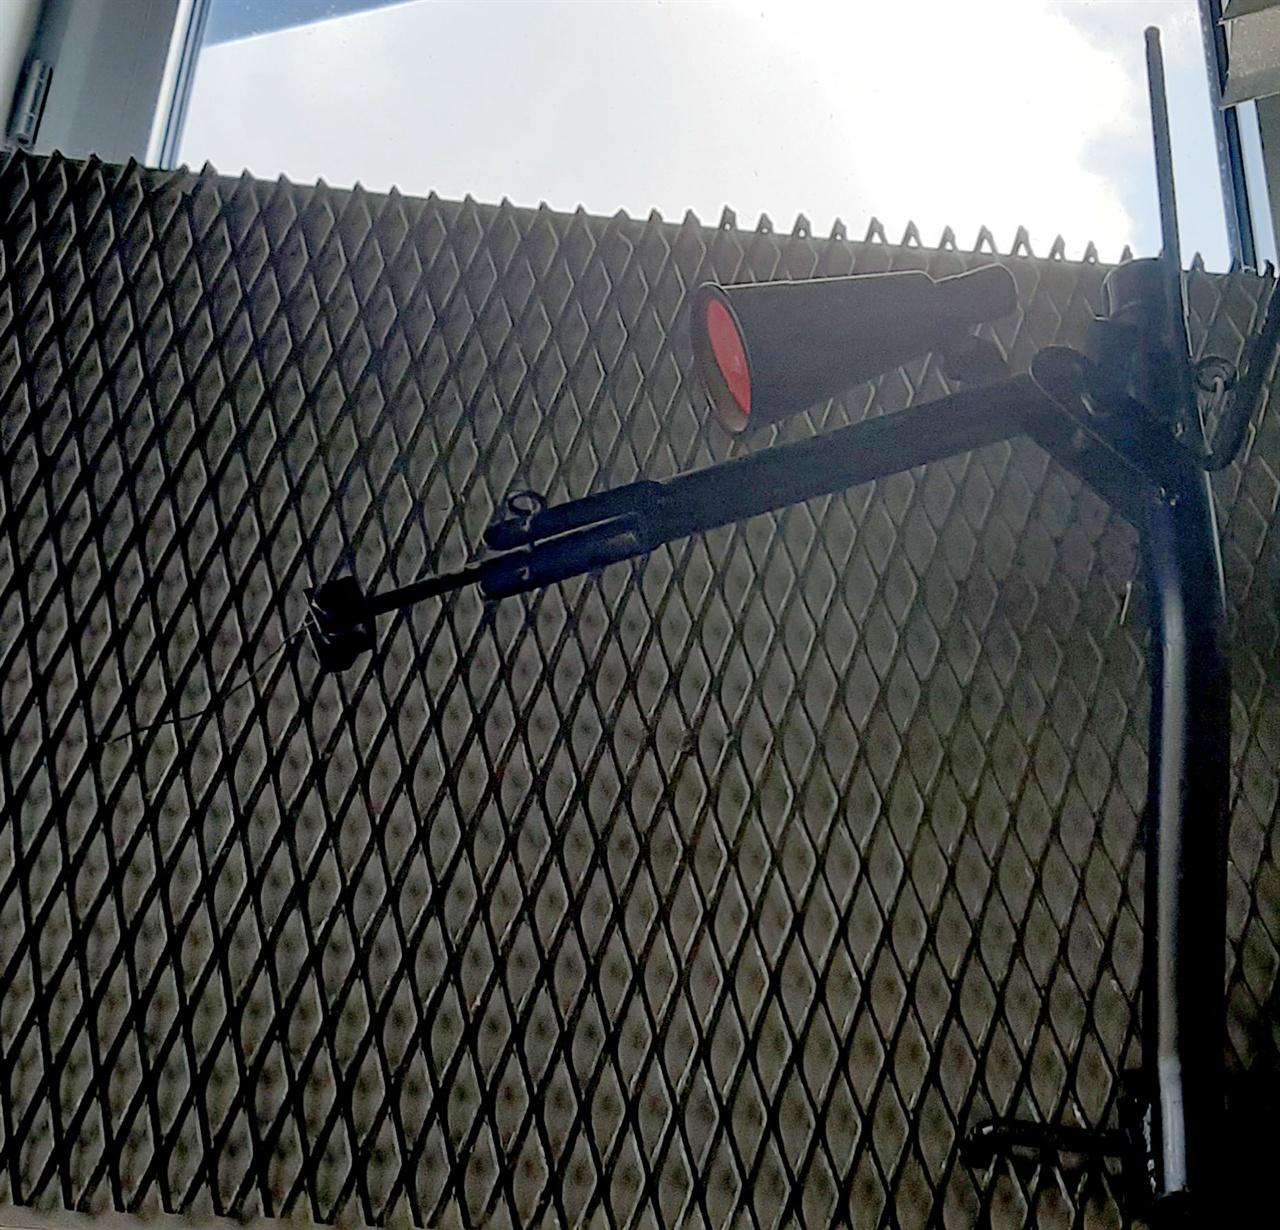 박물관에 있던 자동무기. 철조망을 건들면 힘을 받아 총이 저절로 나가는 시스템이다.